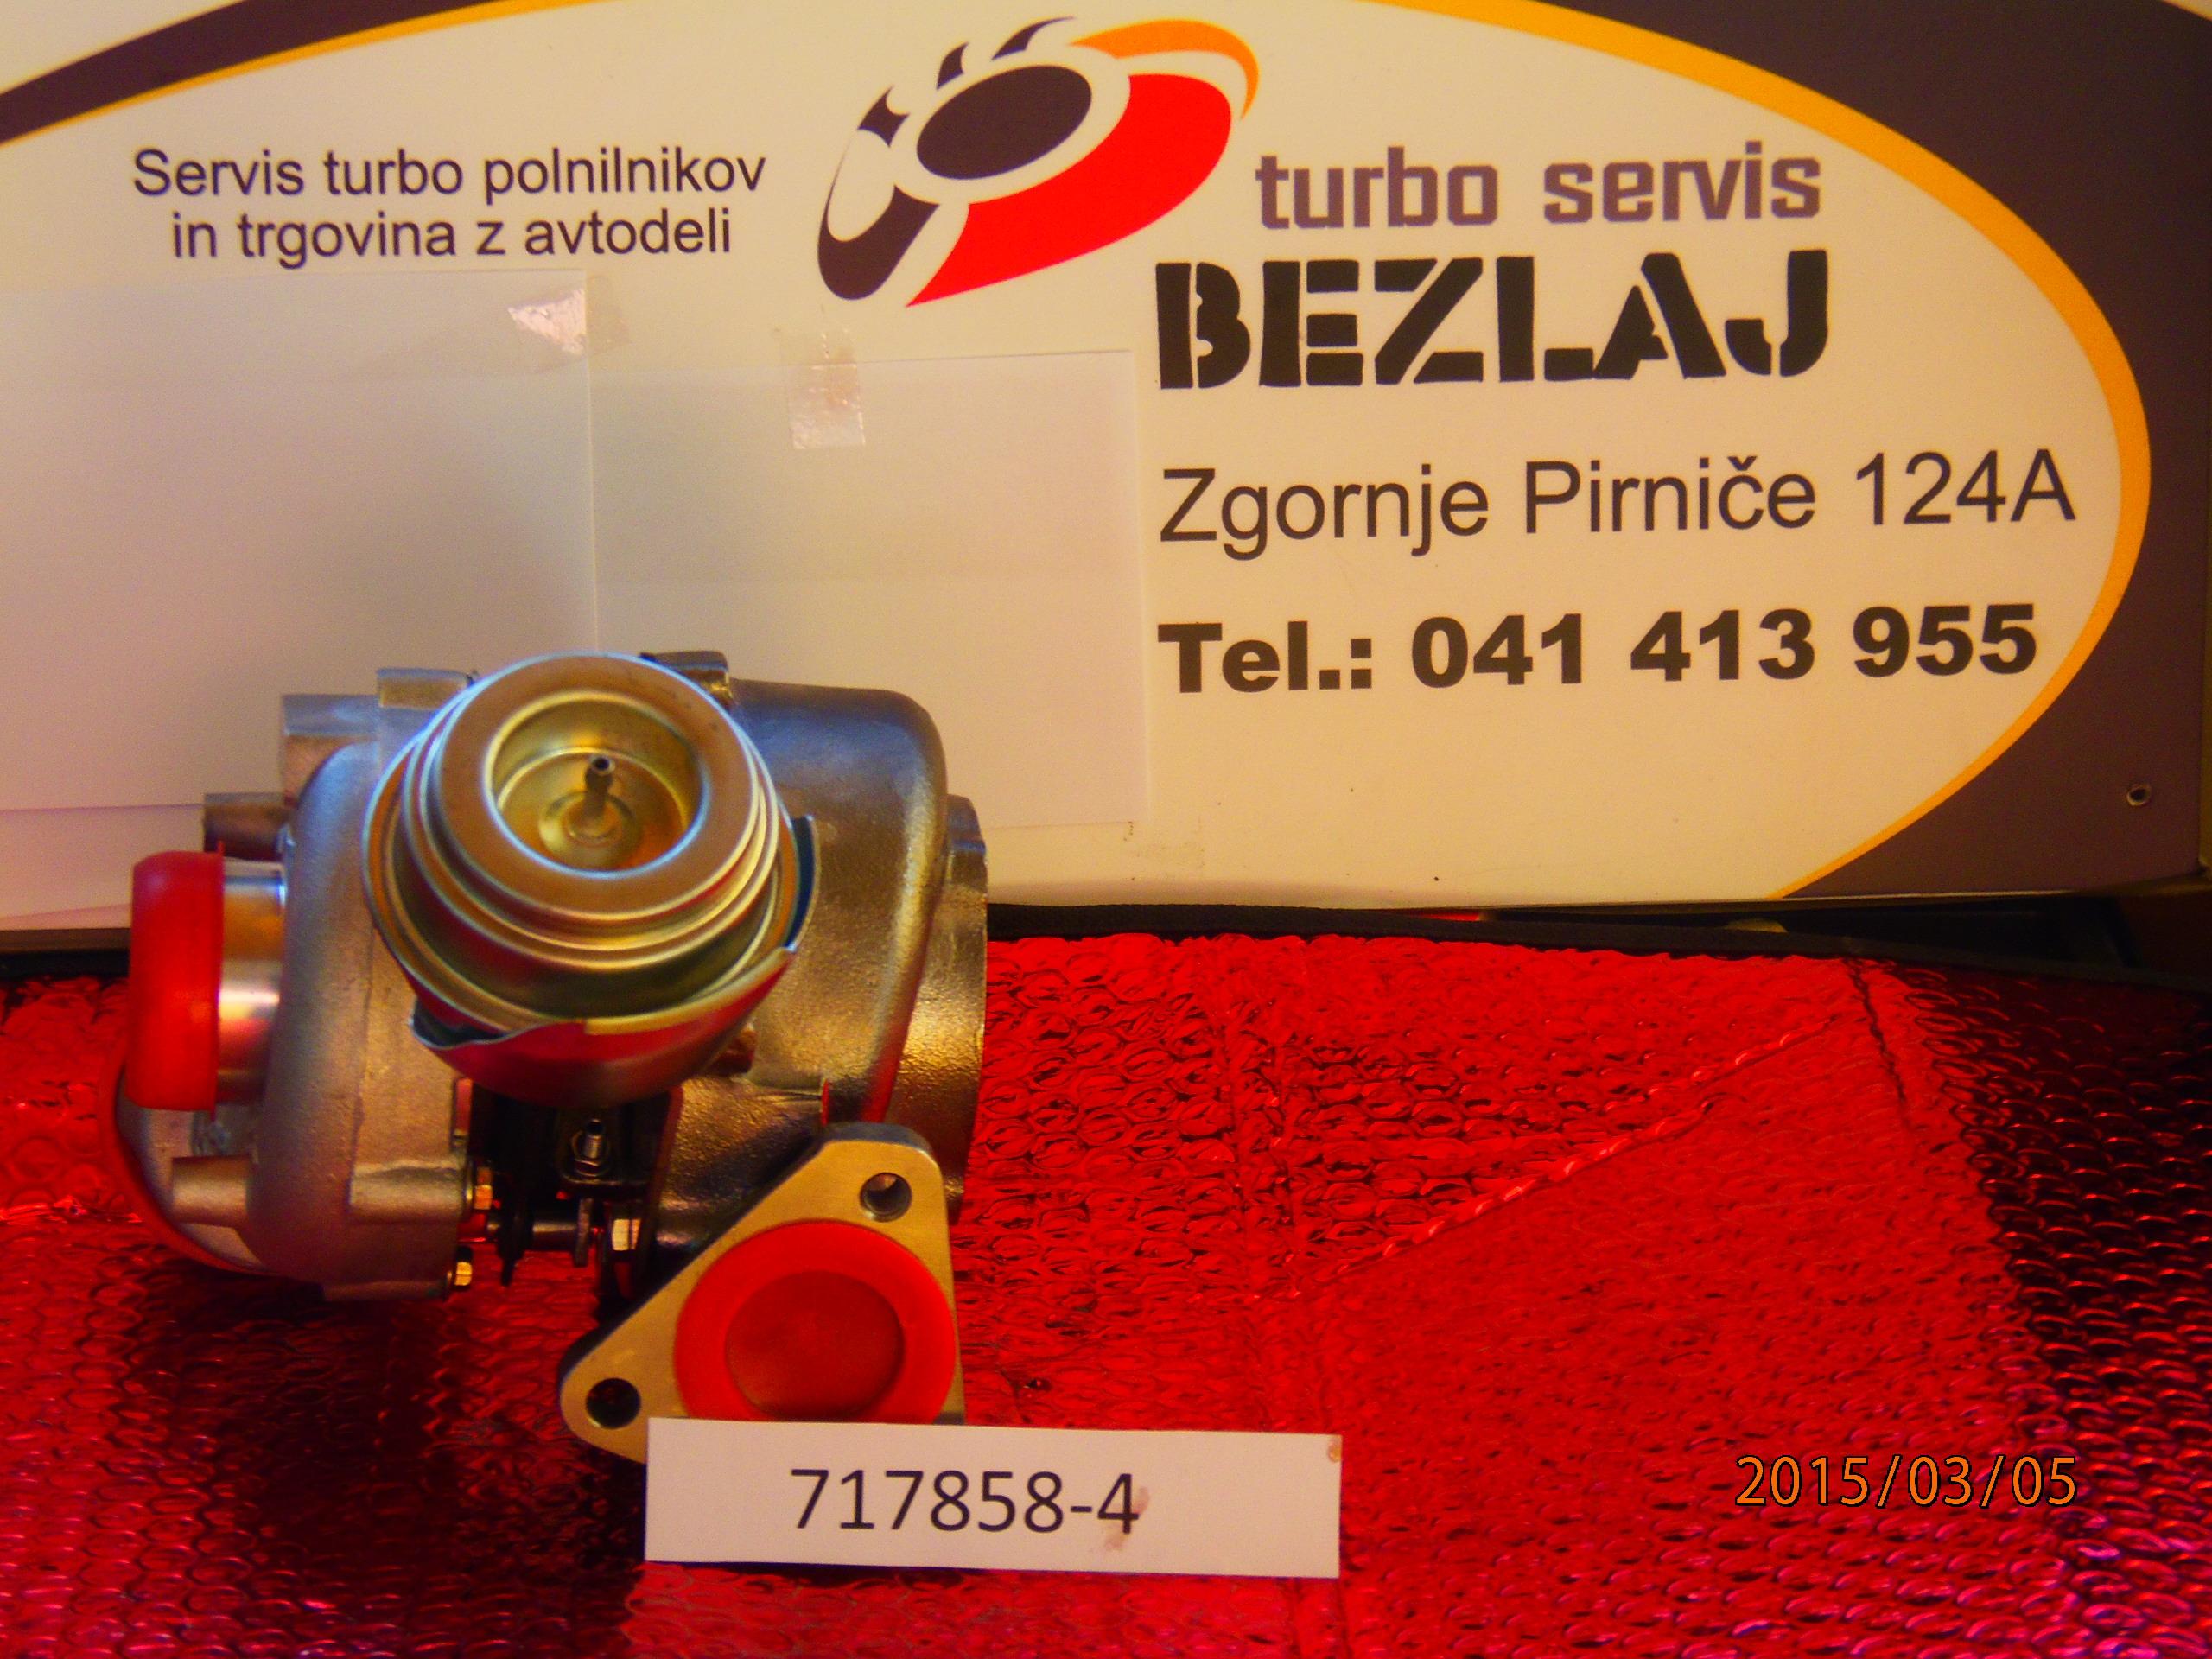 TURBO717858-4 (2)